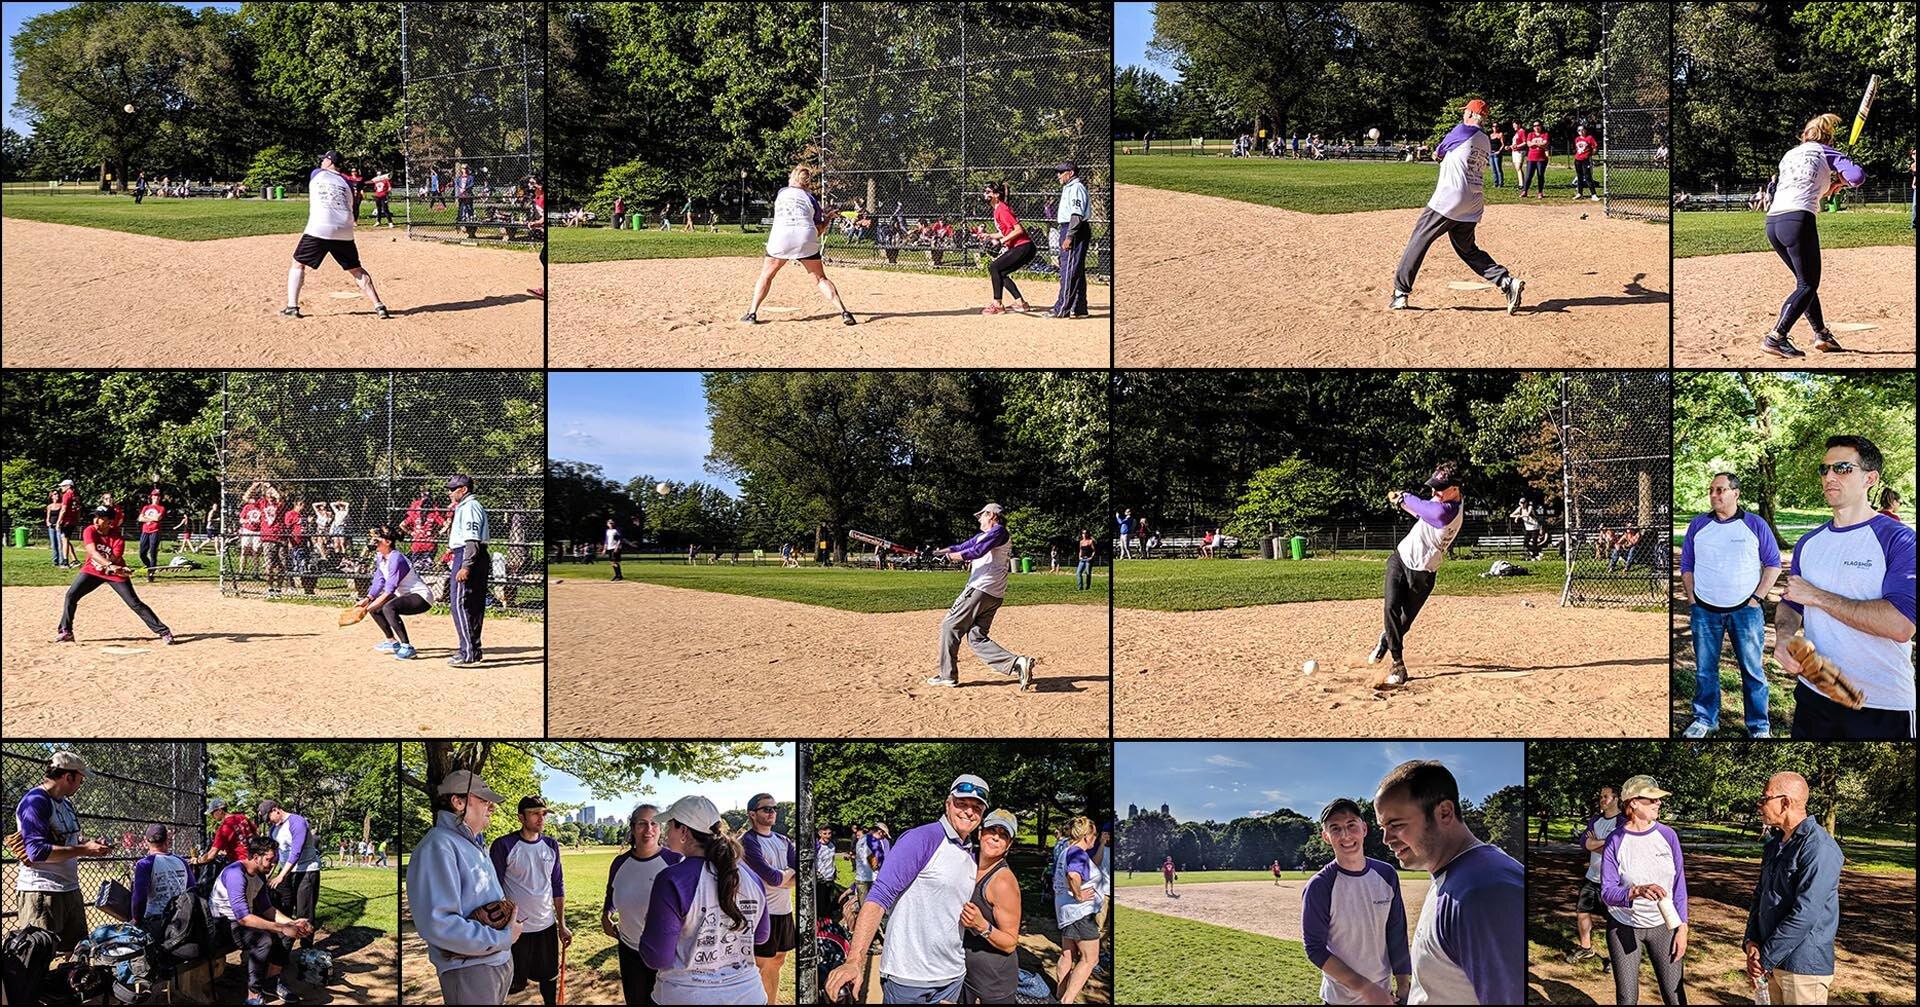 BNI12-Softball-in-action-2019.jpg